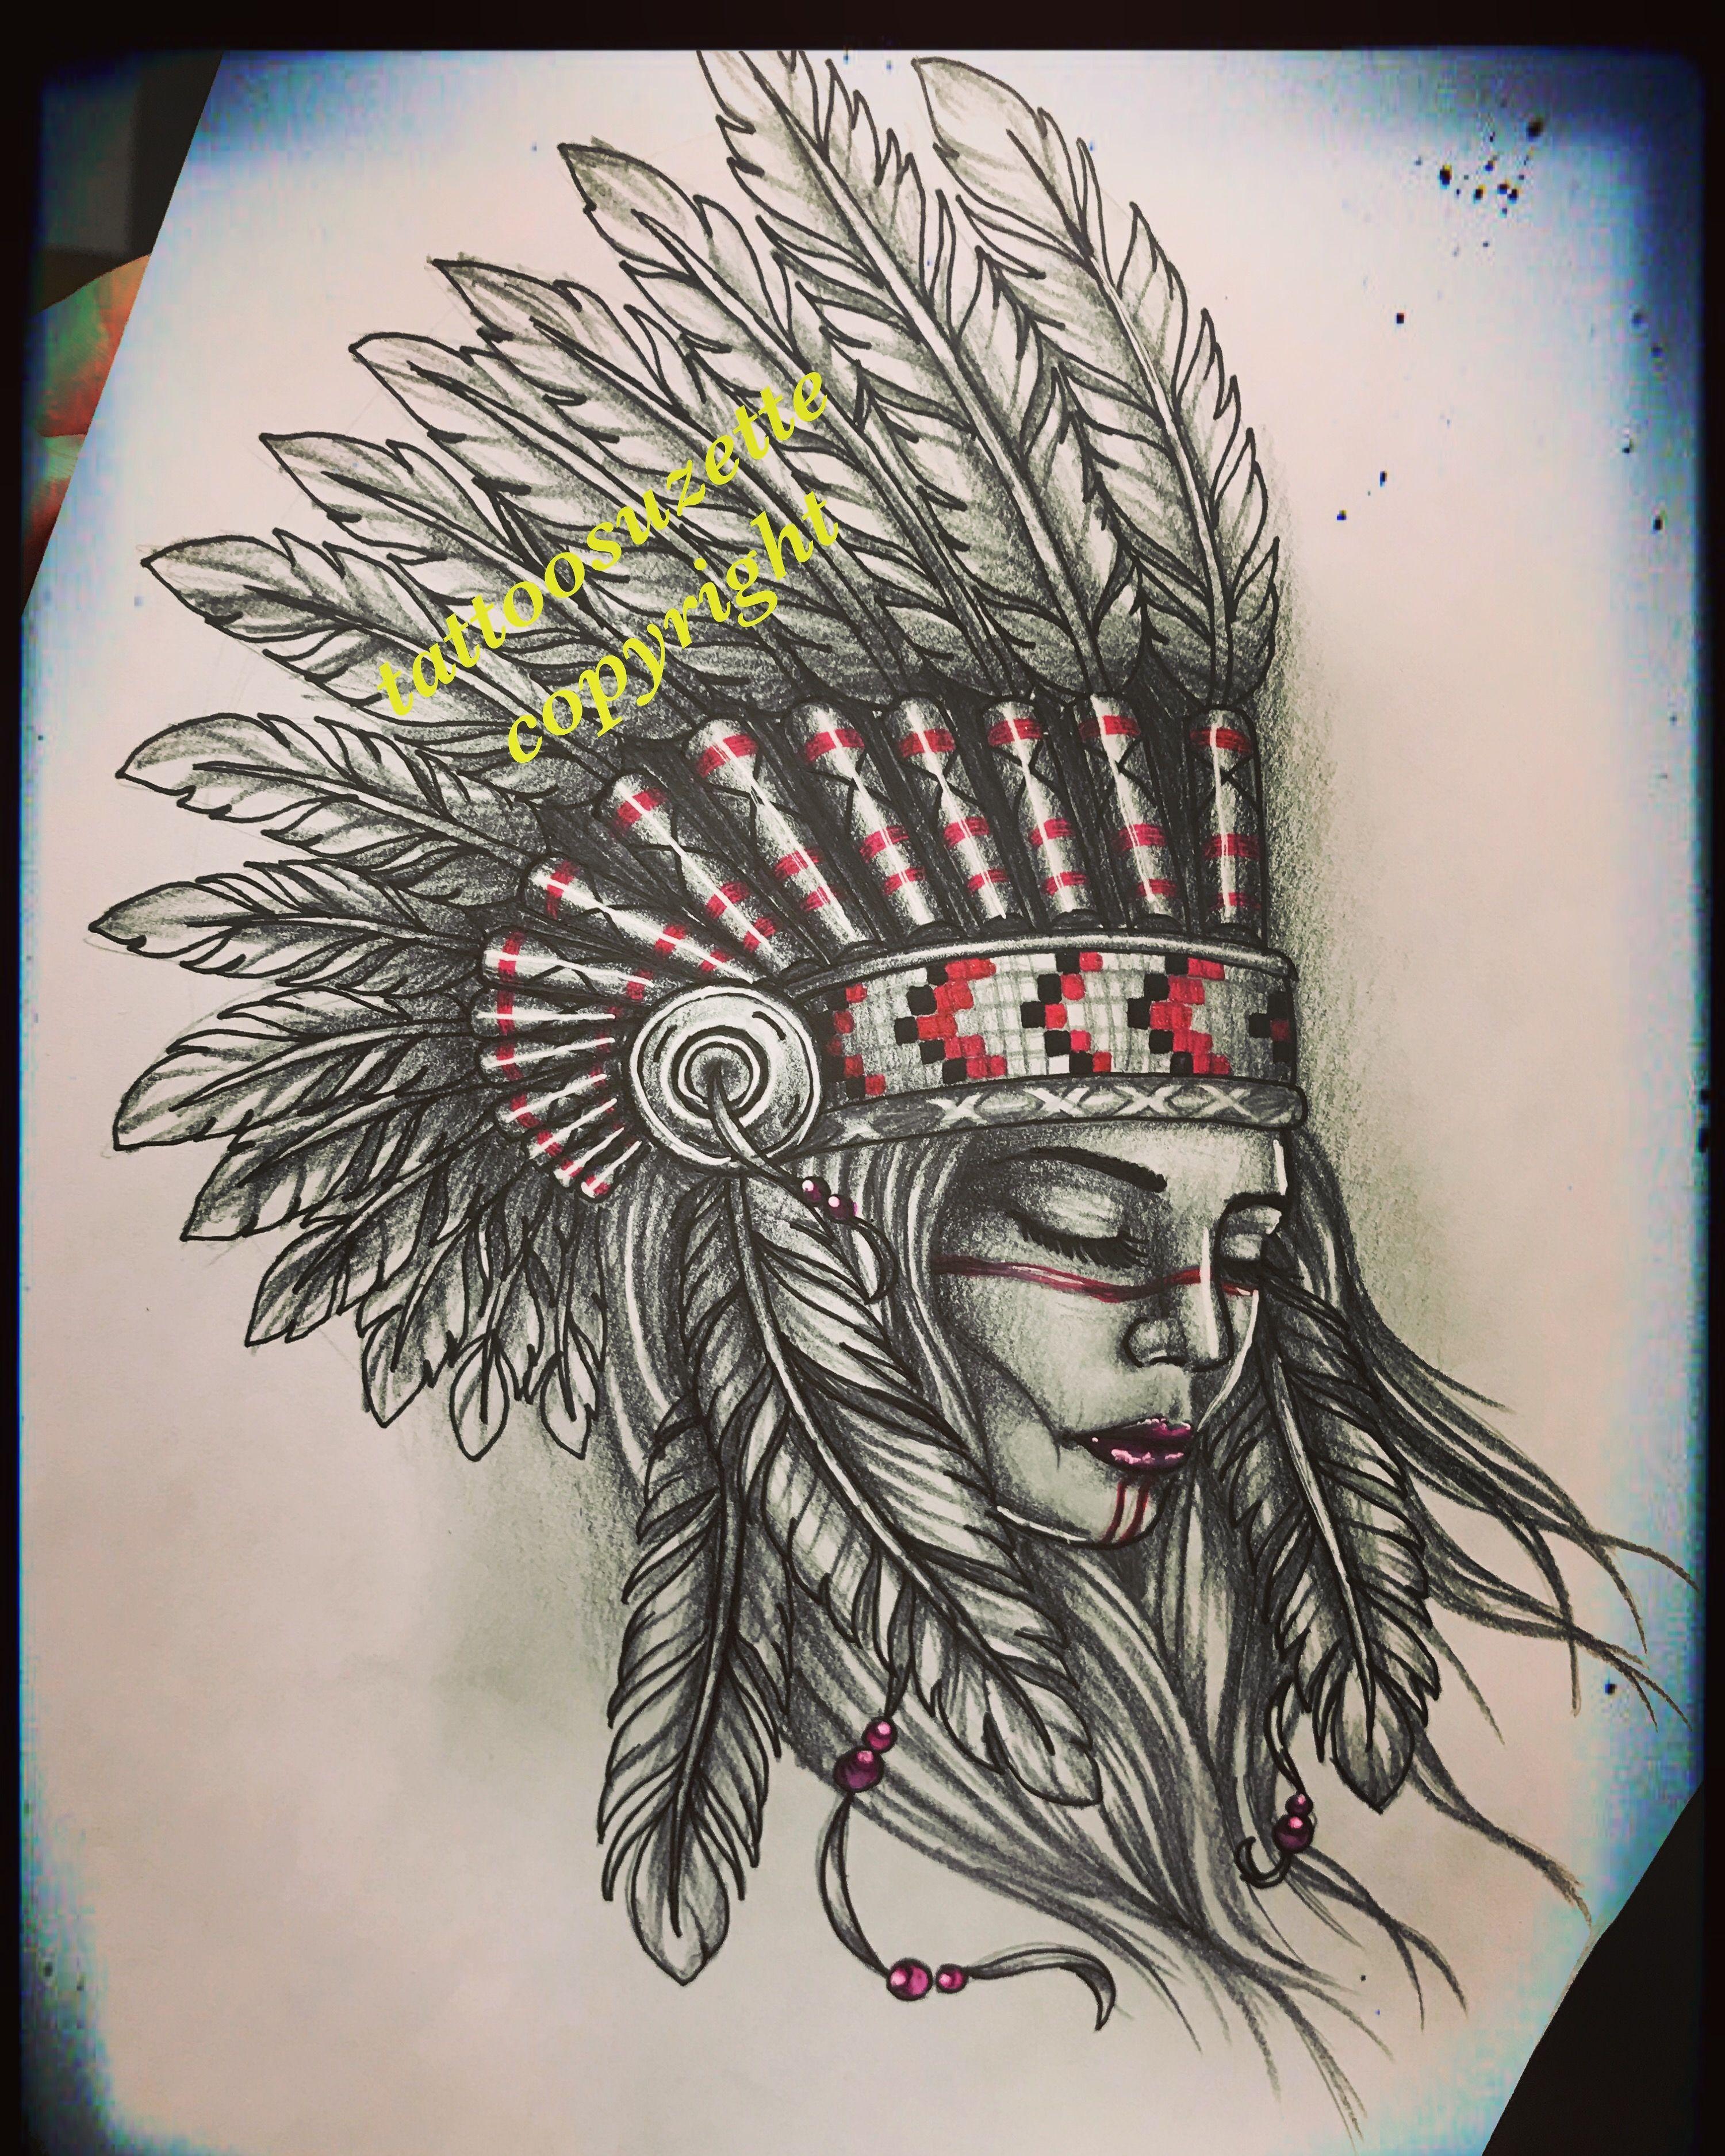 Indian Woman Tattoo Indiantattoo Tattooindian border=